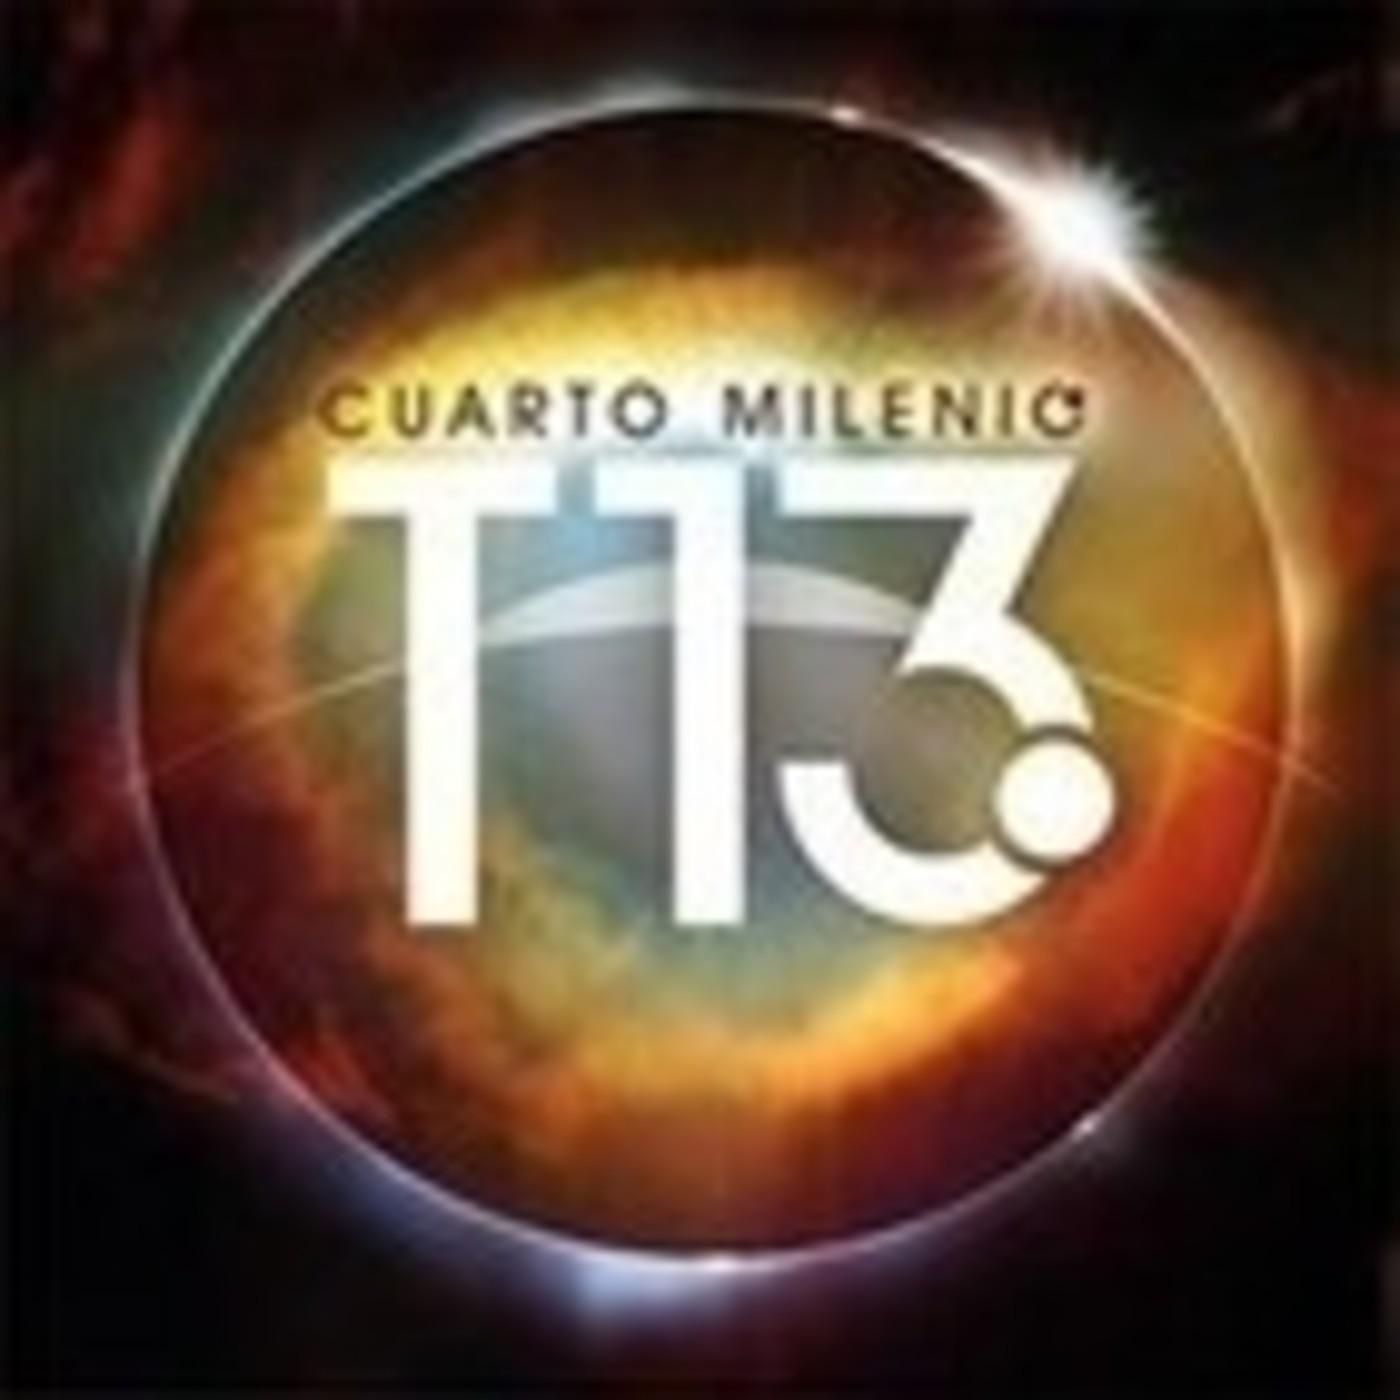 Cuarto milenio (26/11/2017) 13x13: El Leonardo español en Cuarto ...